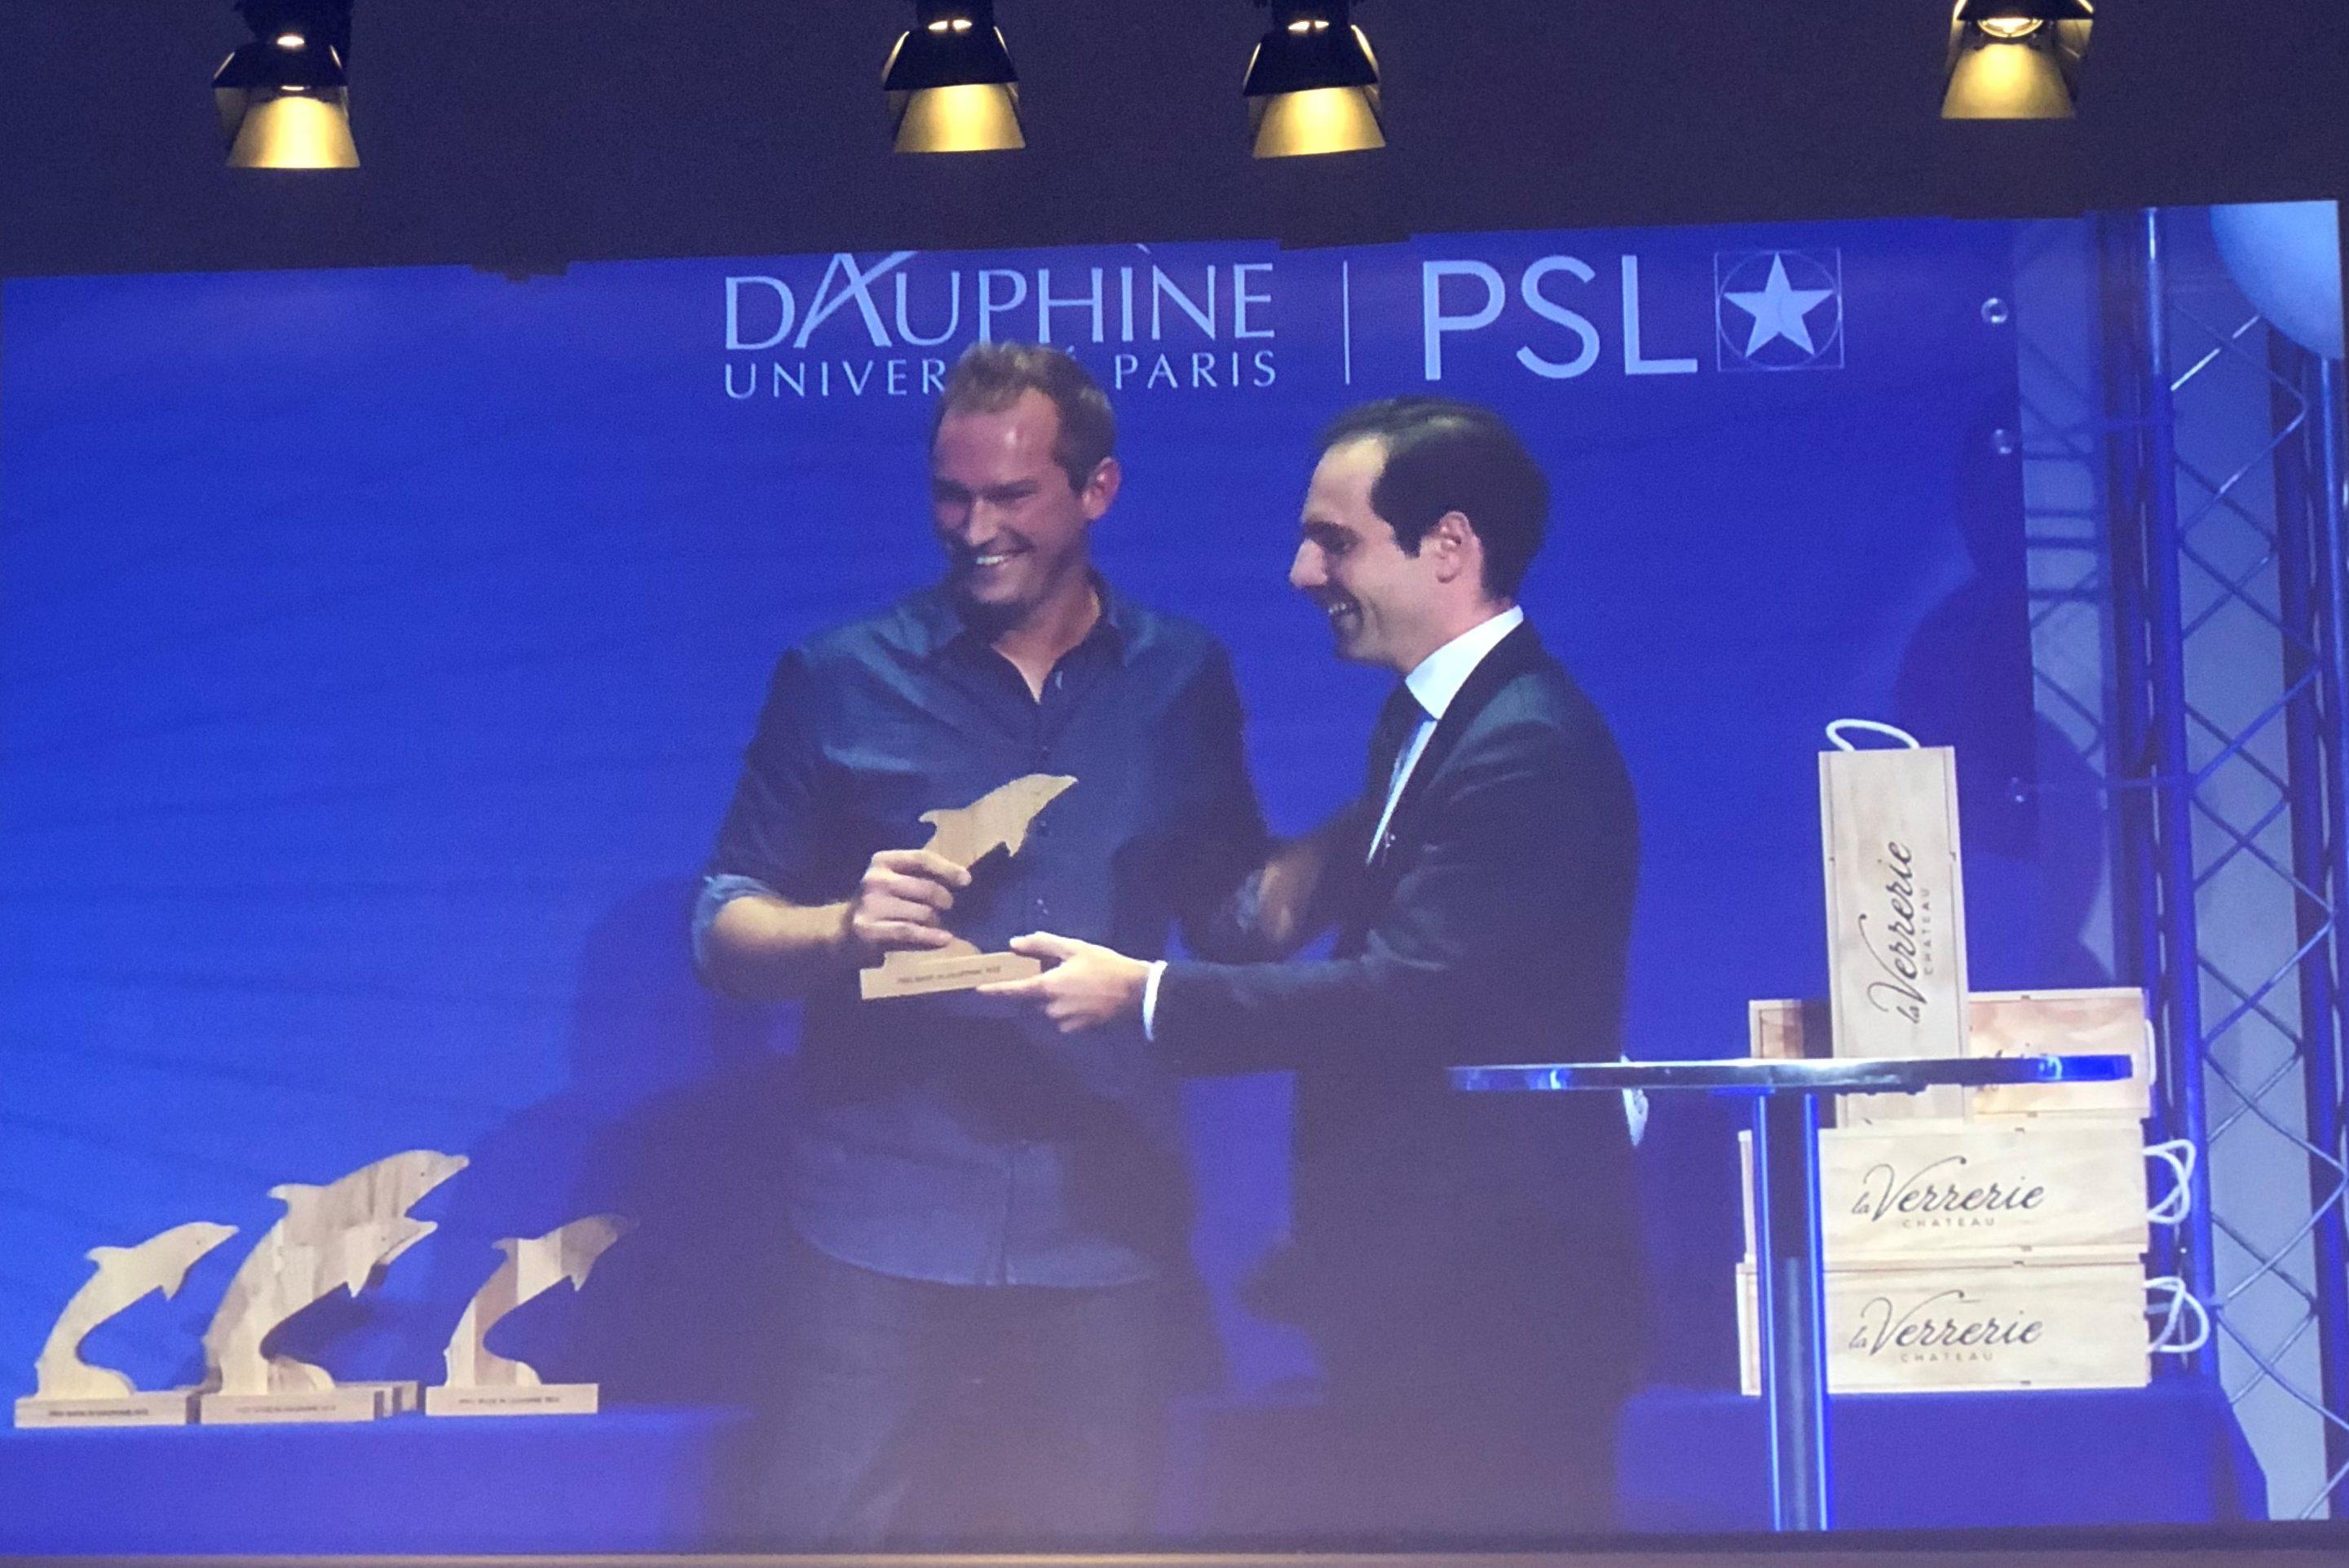 Thibault Lamarque, prix Dauphine